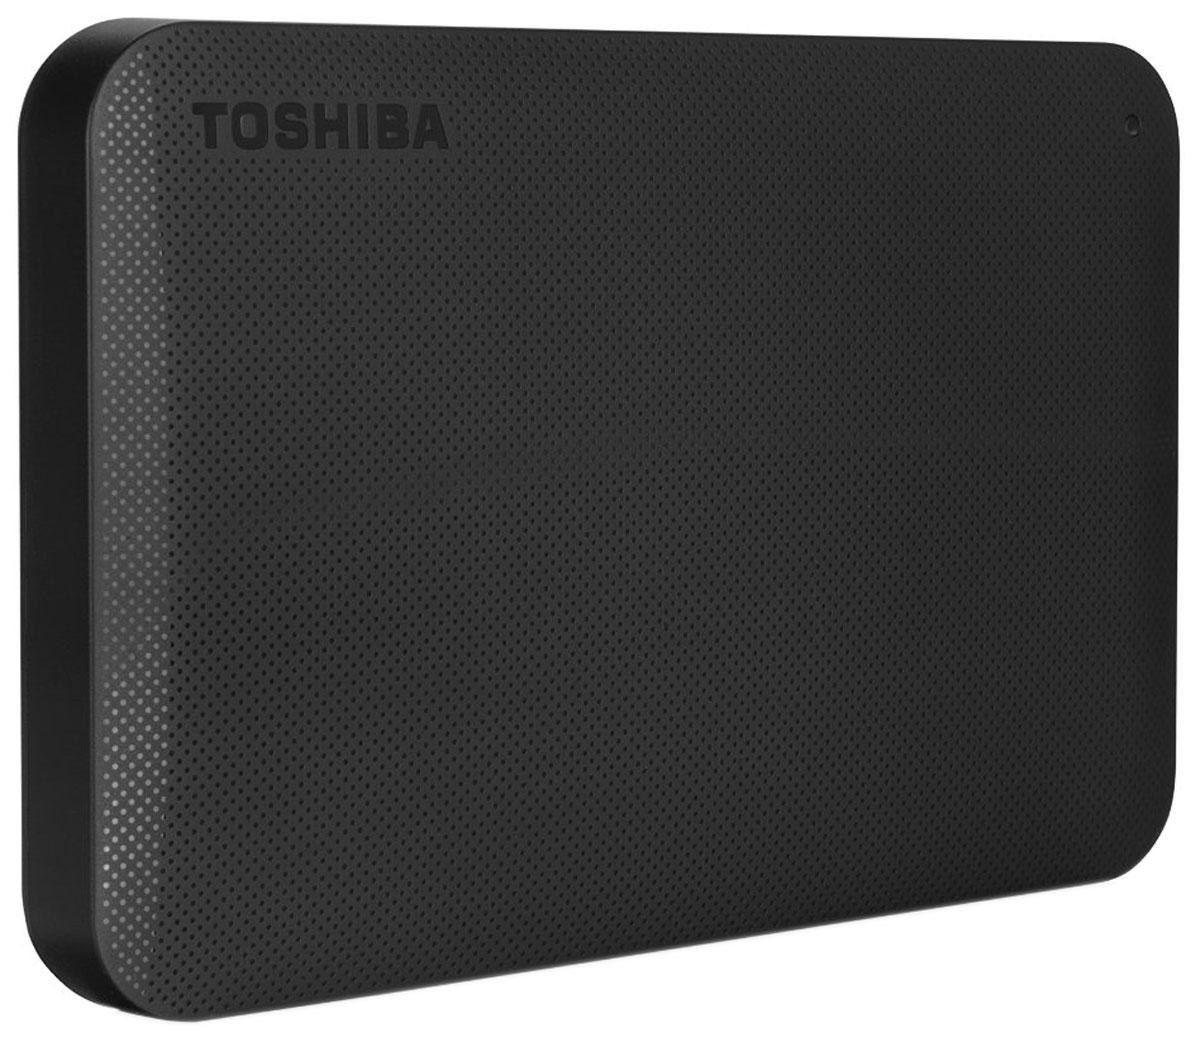 Toshiba Canvio Ready 500GB, Black внешний жесткий диск (HDTP205EK3AA)HDTP205EK3AAВнешний жесткий диск Toshiba Canvio Ready отличается высокими показателями по быстроте деятельности. Практически в течение считанных мгновений у вас появятся доступы к интересующим информационным данным. Такой результат достигается за счет эффективности действия интерфейса USB 3.0.Теперь вы сможете вести запись данных на скорости, равной 5 Гбит/с, что позволит копировать большие файлы в кратчайшие сроки. Обратная совместимость с интерфейсом USB 2.0 гарантирует стабильную работу с оборудованием предыдущего поколения: при помощи Canvio Ready удобно переносить информацию со старого компьютера на новый.Пропускная способность интерфейса: 5 Гбит/сек Поддержка ОС: Windows 10, Windows 8, Windows 7